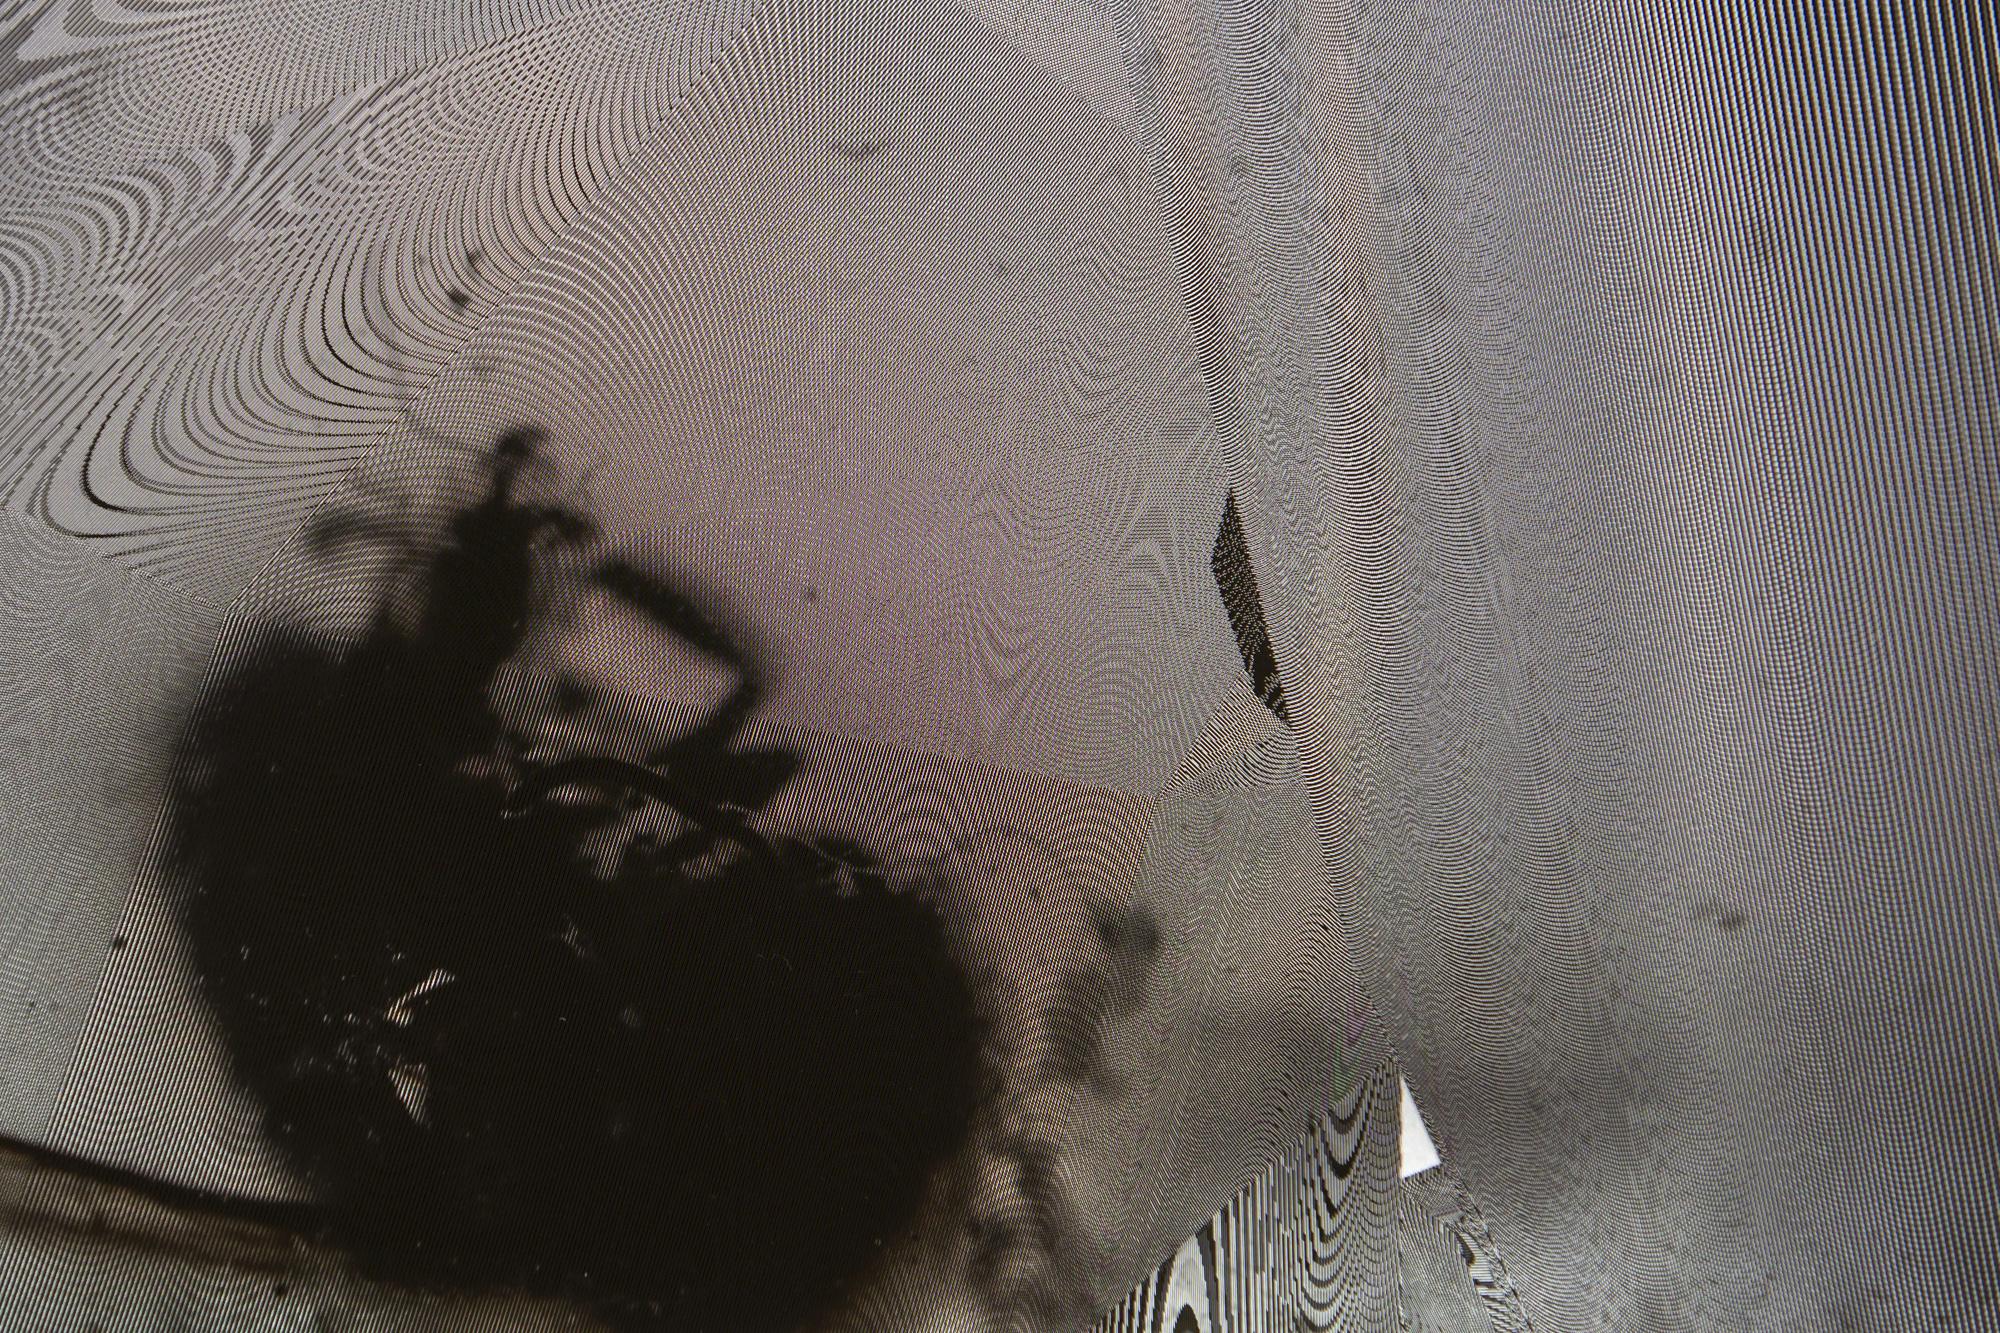 RRodner-Fly-11.jpg